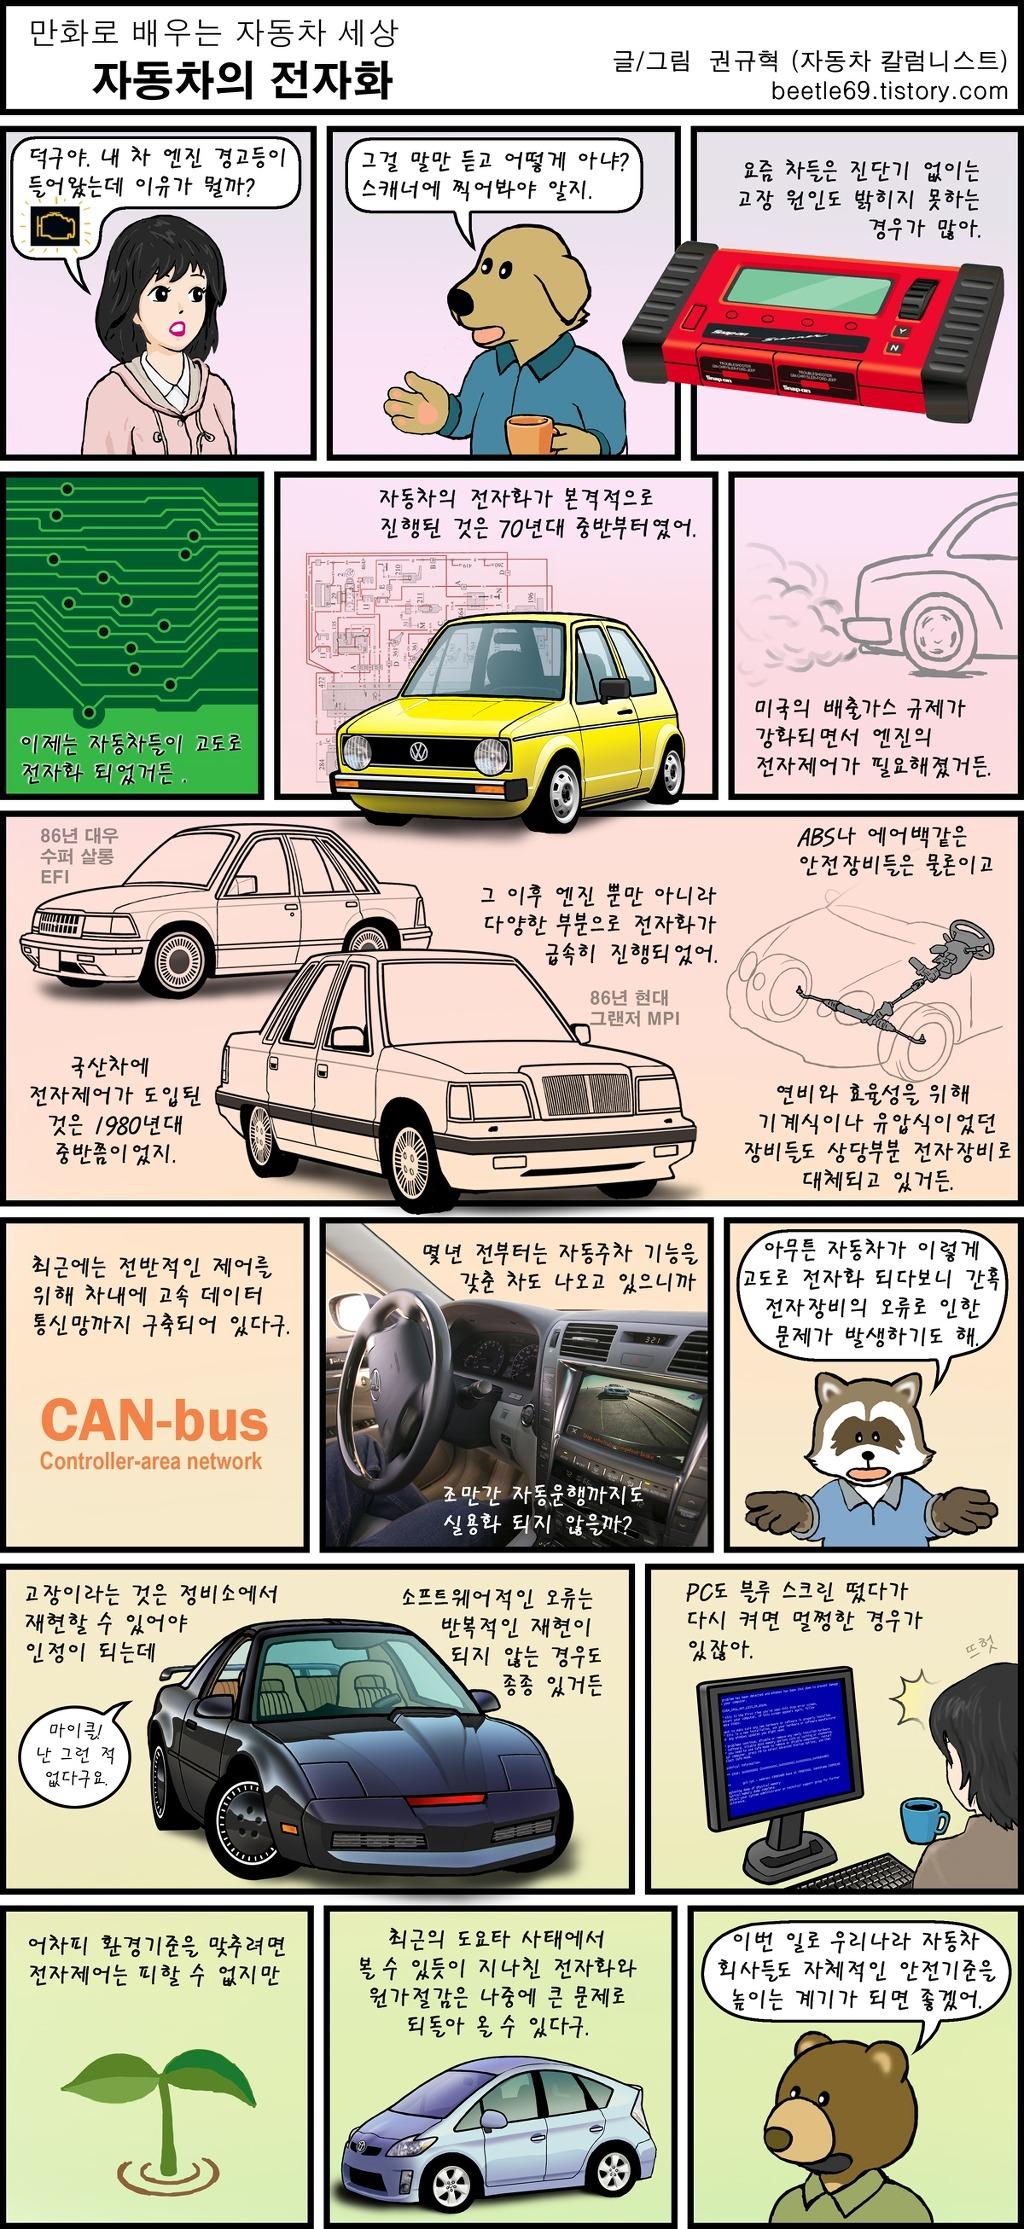 (자동차 만화) 자동차의 전자화